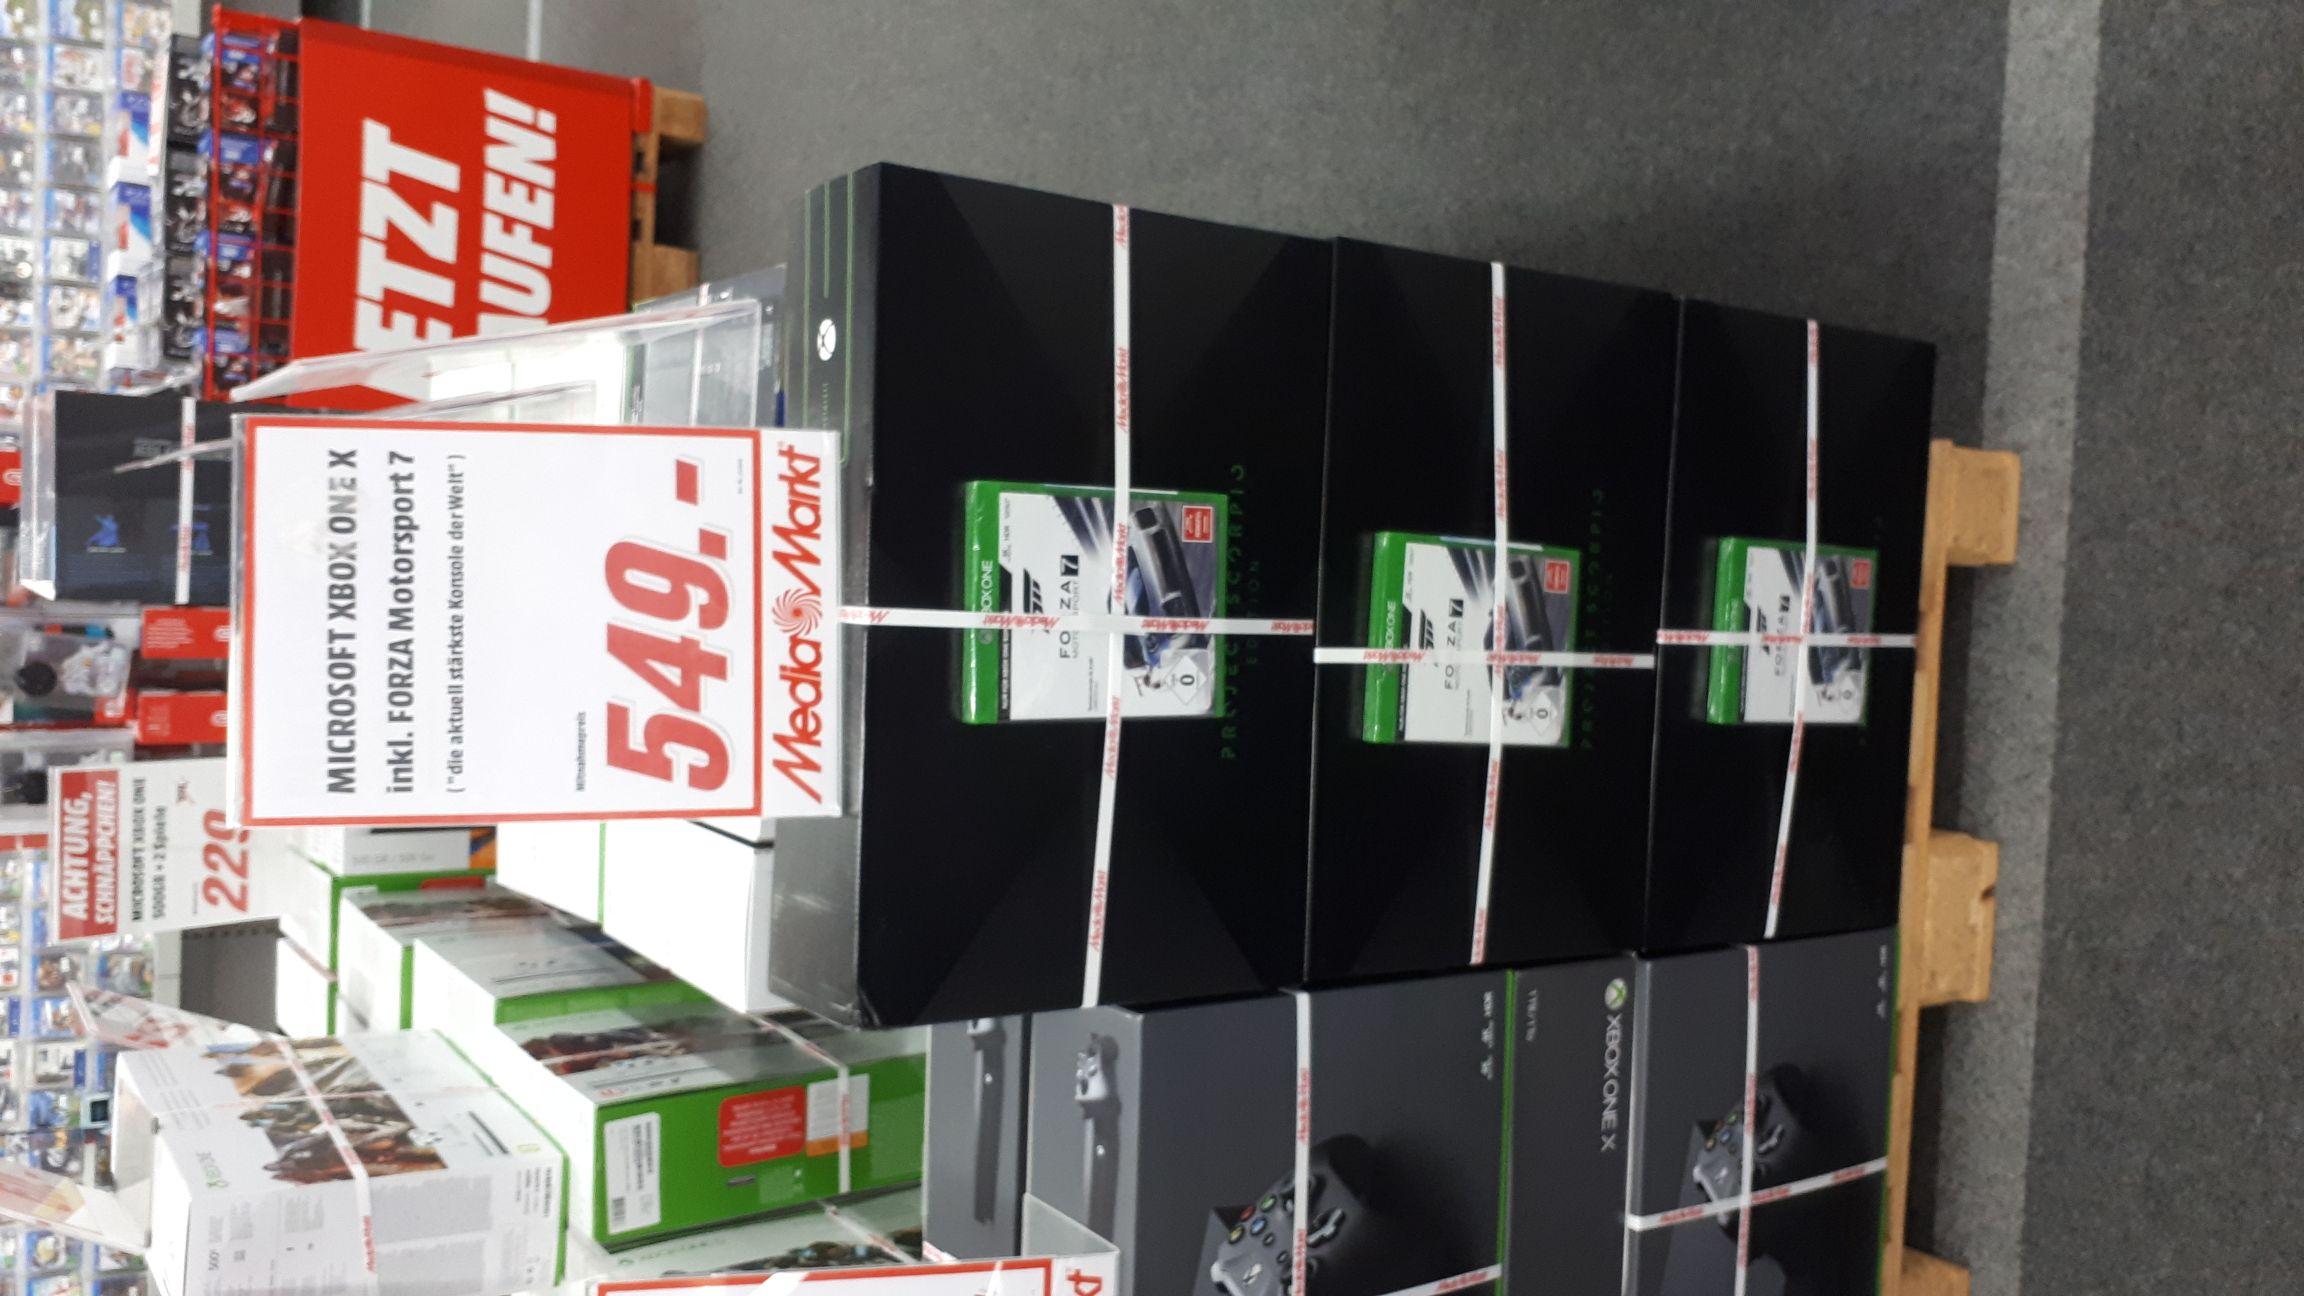 Xbox One X Scorpio Edition + Forza 7